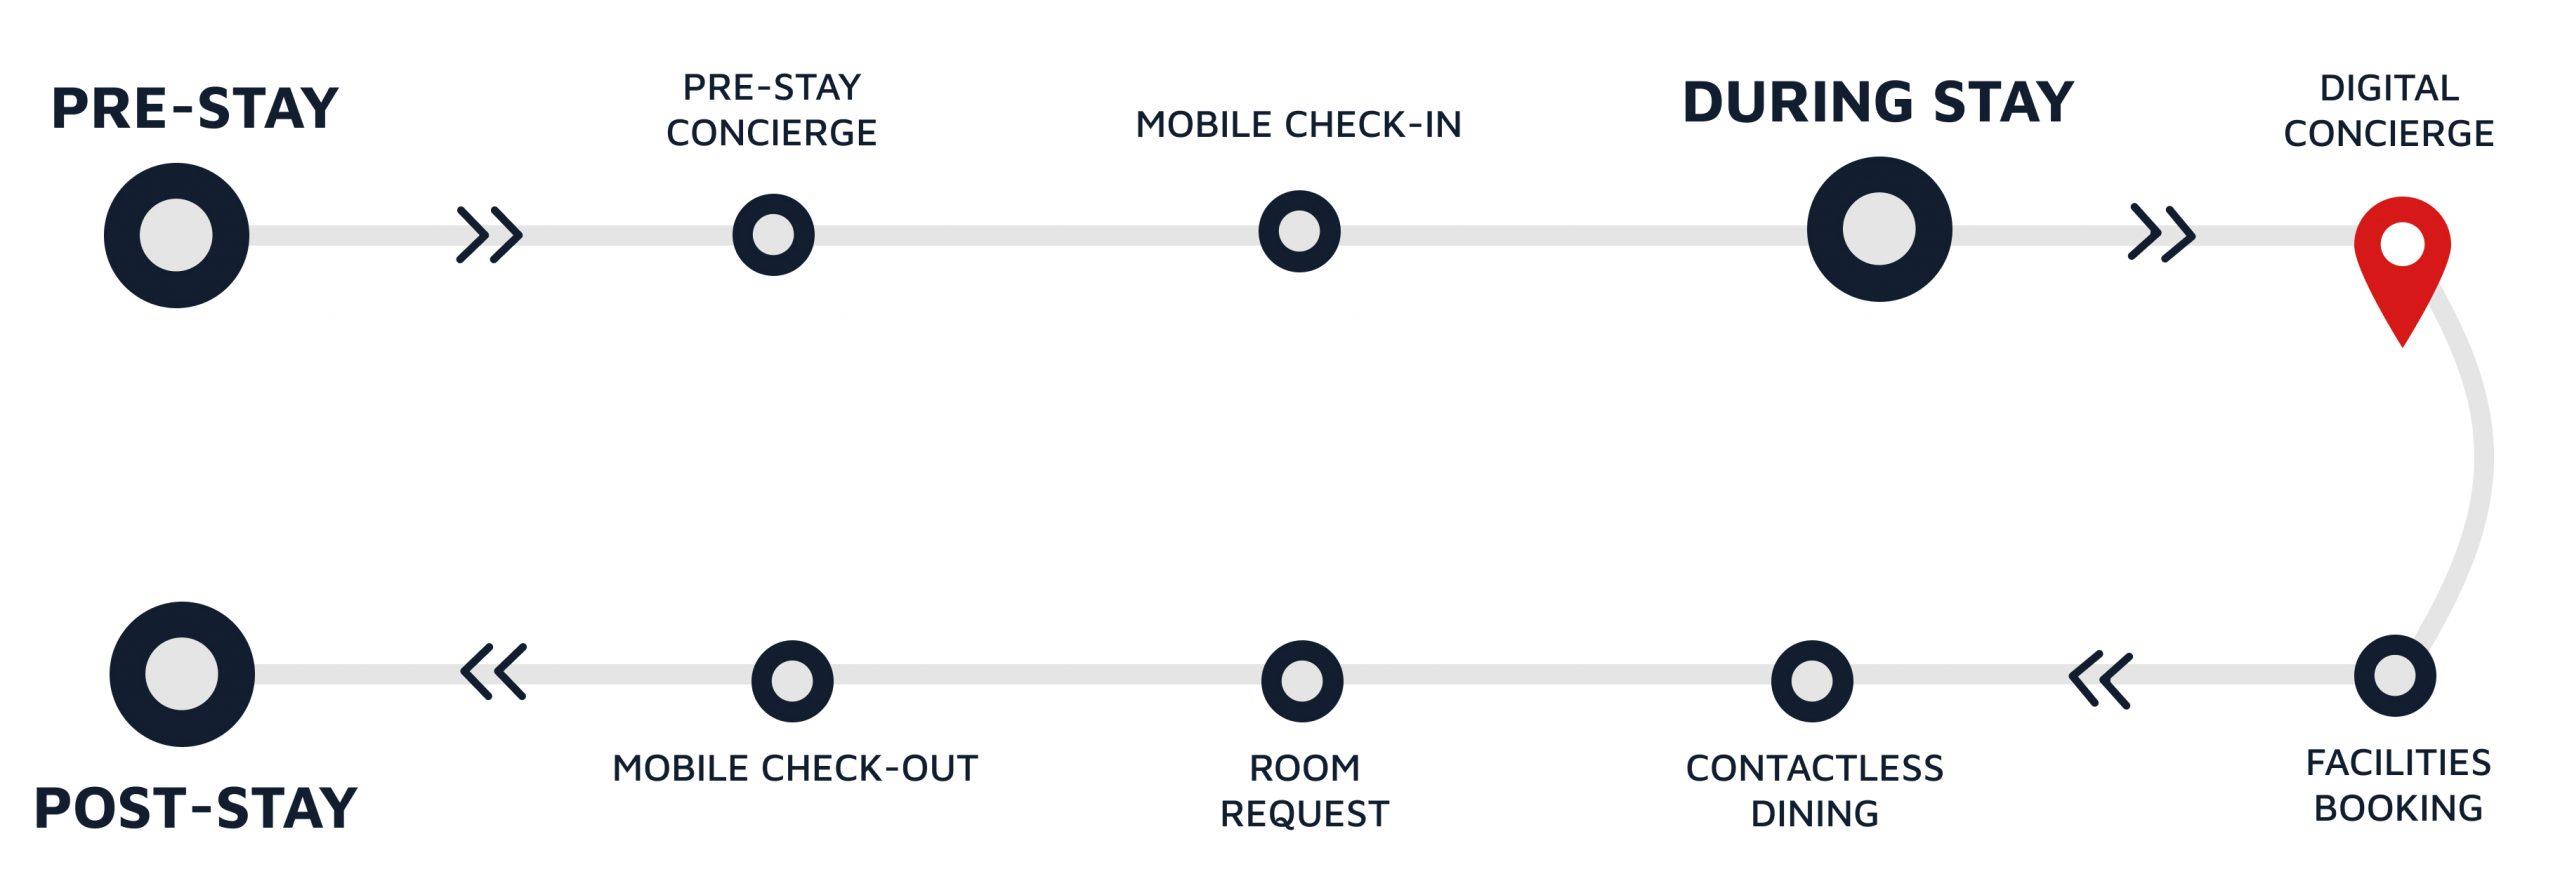 Vouch Digital Concierge Guest Journey